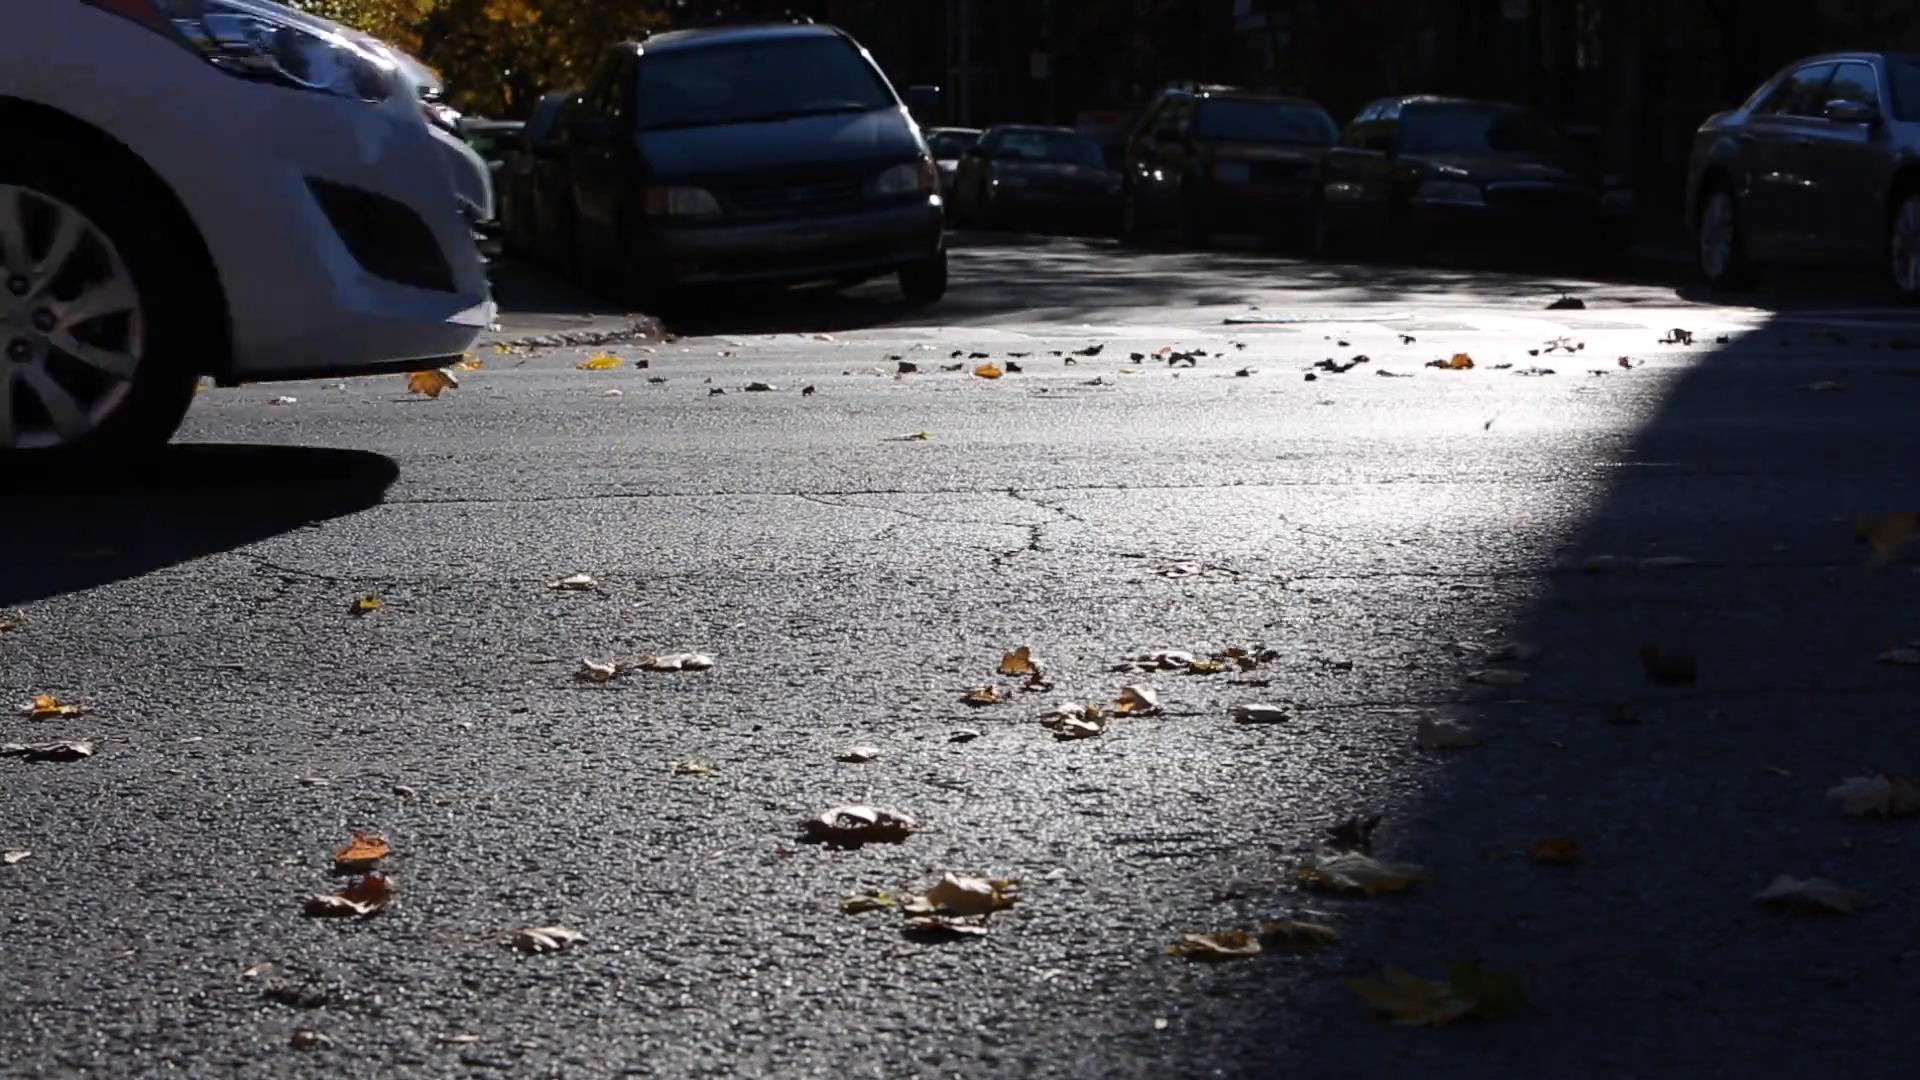 HAK: Čekanja na graničnim prijelazima do pola sata Čekanja na graničnim prijelazima za osobna vozila na izlasku su do 30 minuta, pojačan je izlazak teretnih vozila na graničnim prijelazima Macelj, Pasjak i Bregana s kolonom od kilometar i pol, izvijestio je u ponedjeljak ujutro Hrvatski auto klub (HAK).